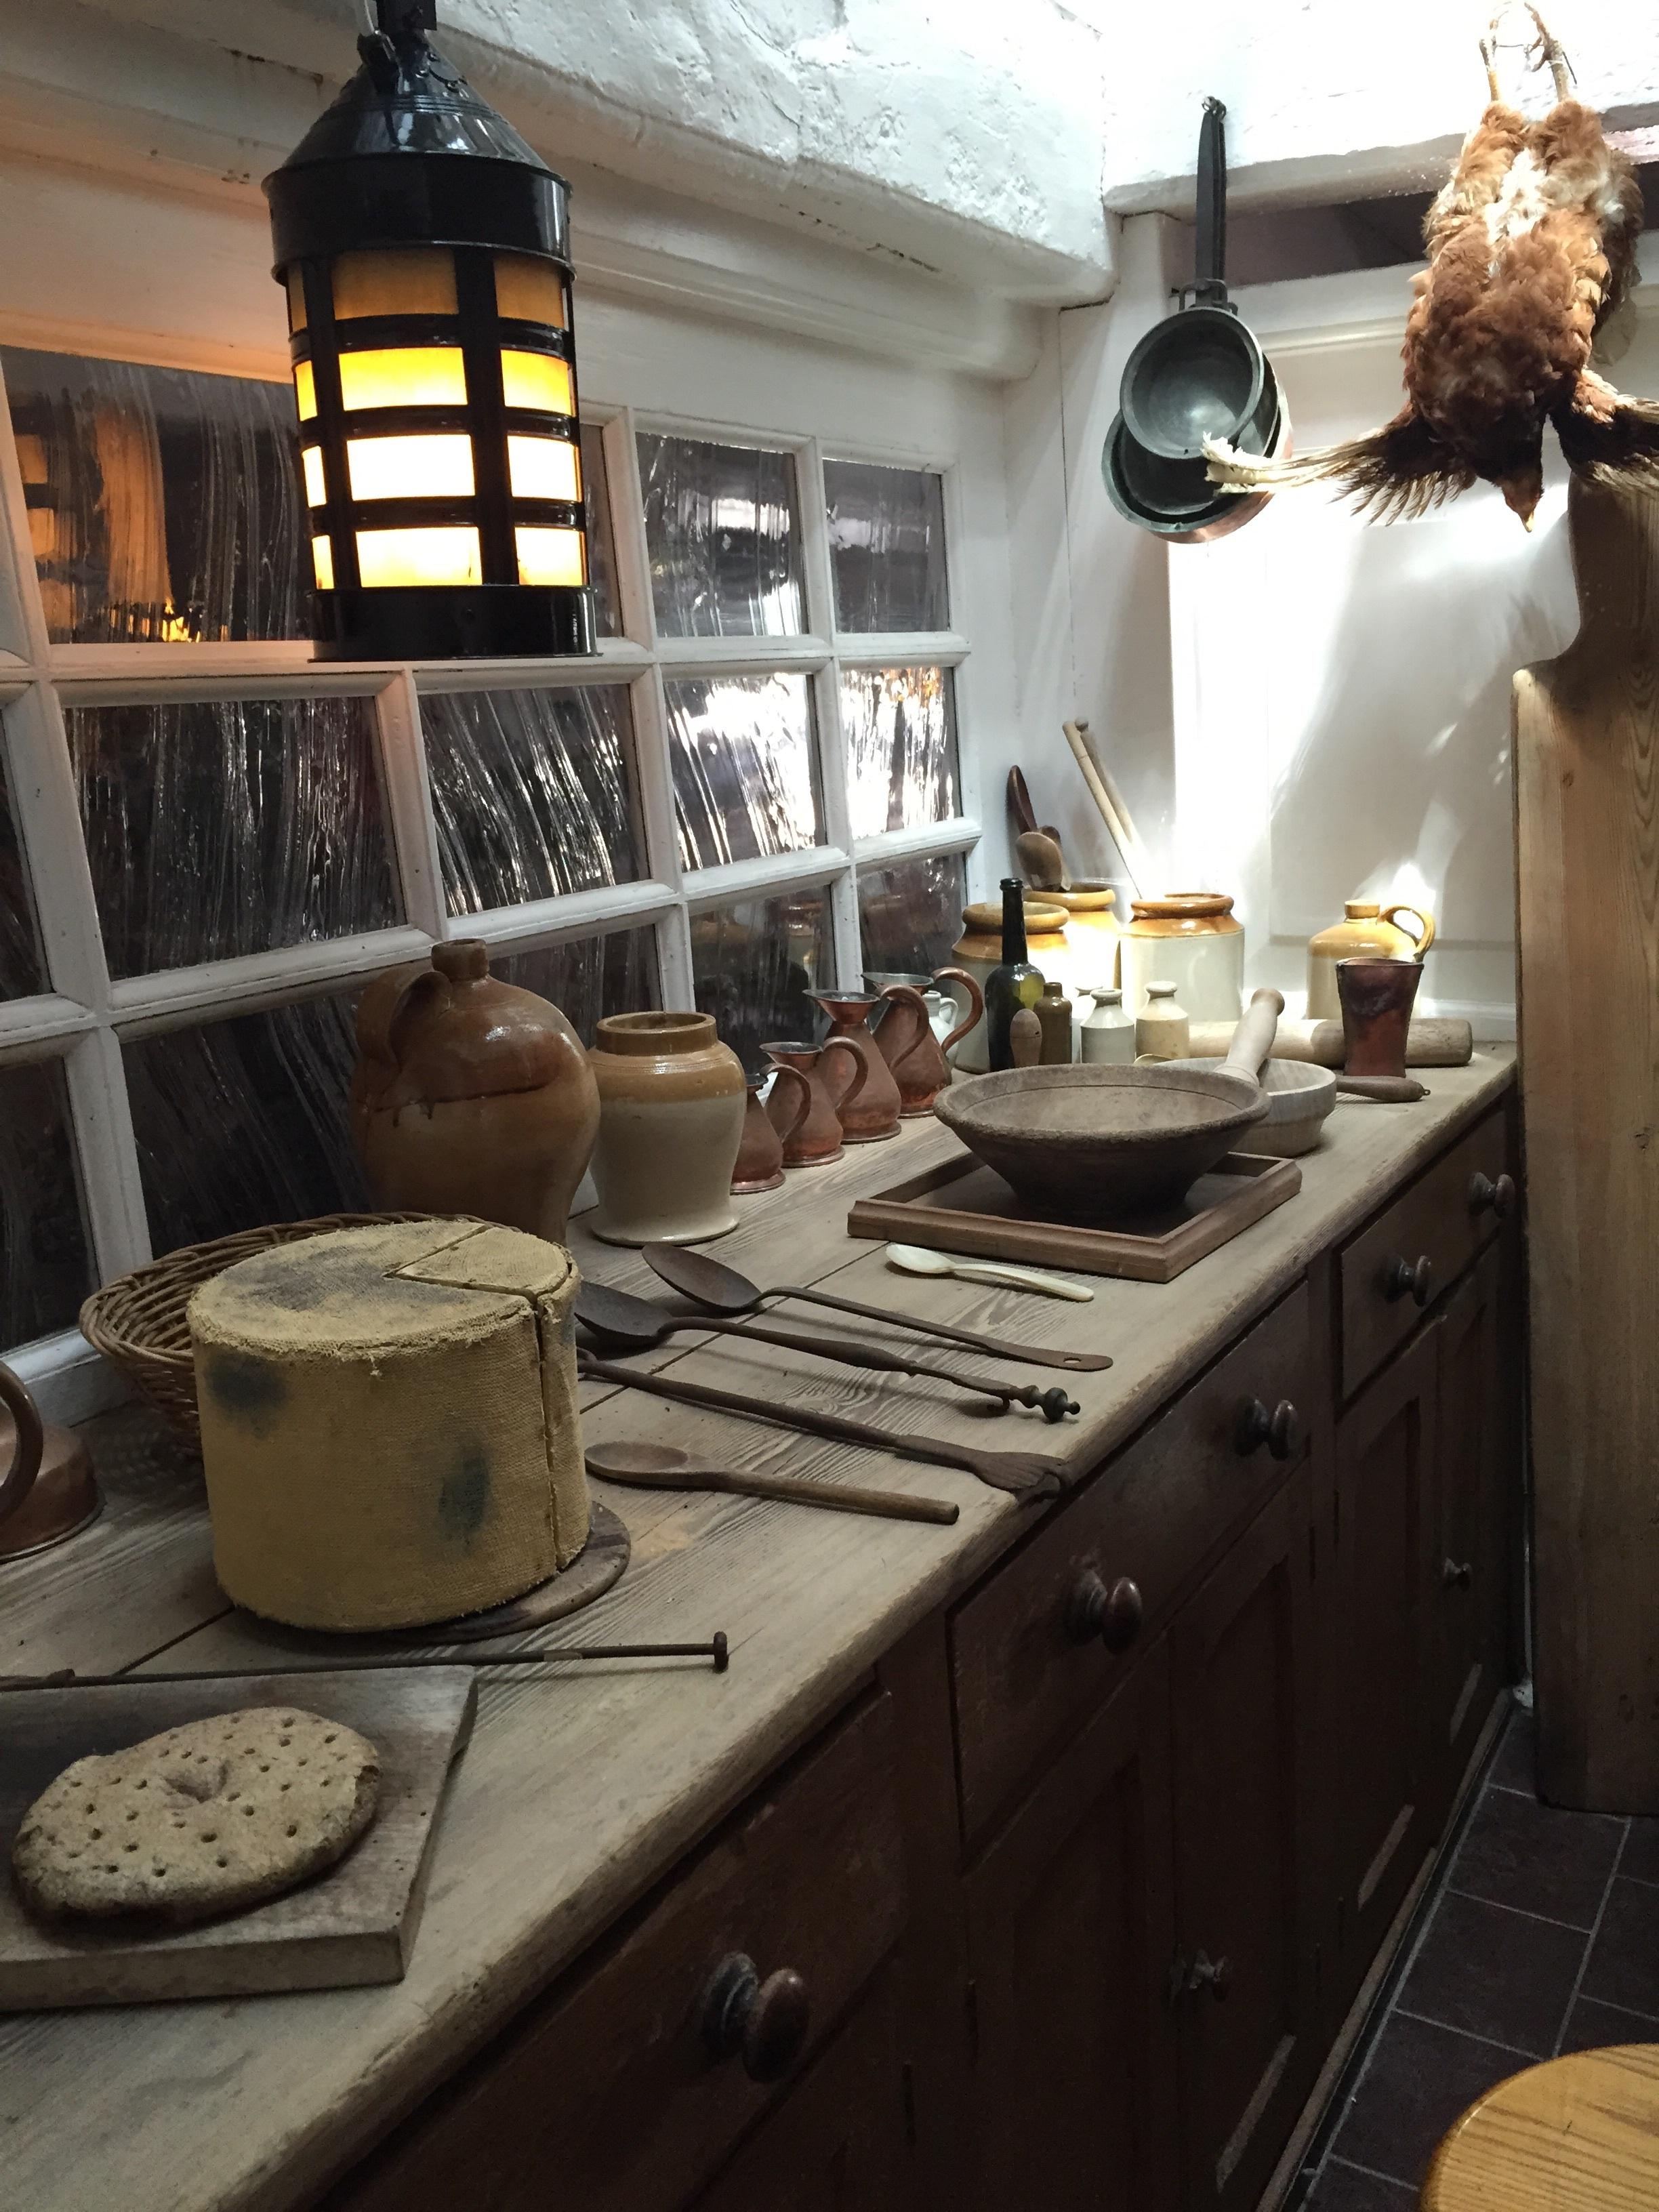 Fotos gratis : madera, casa, cabaña, cocina, propiedad, habitación ...